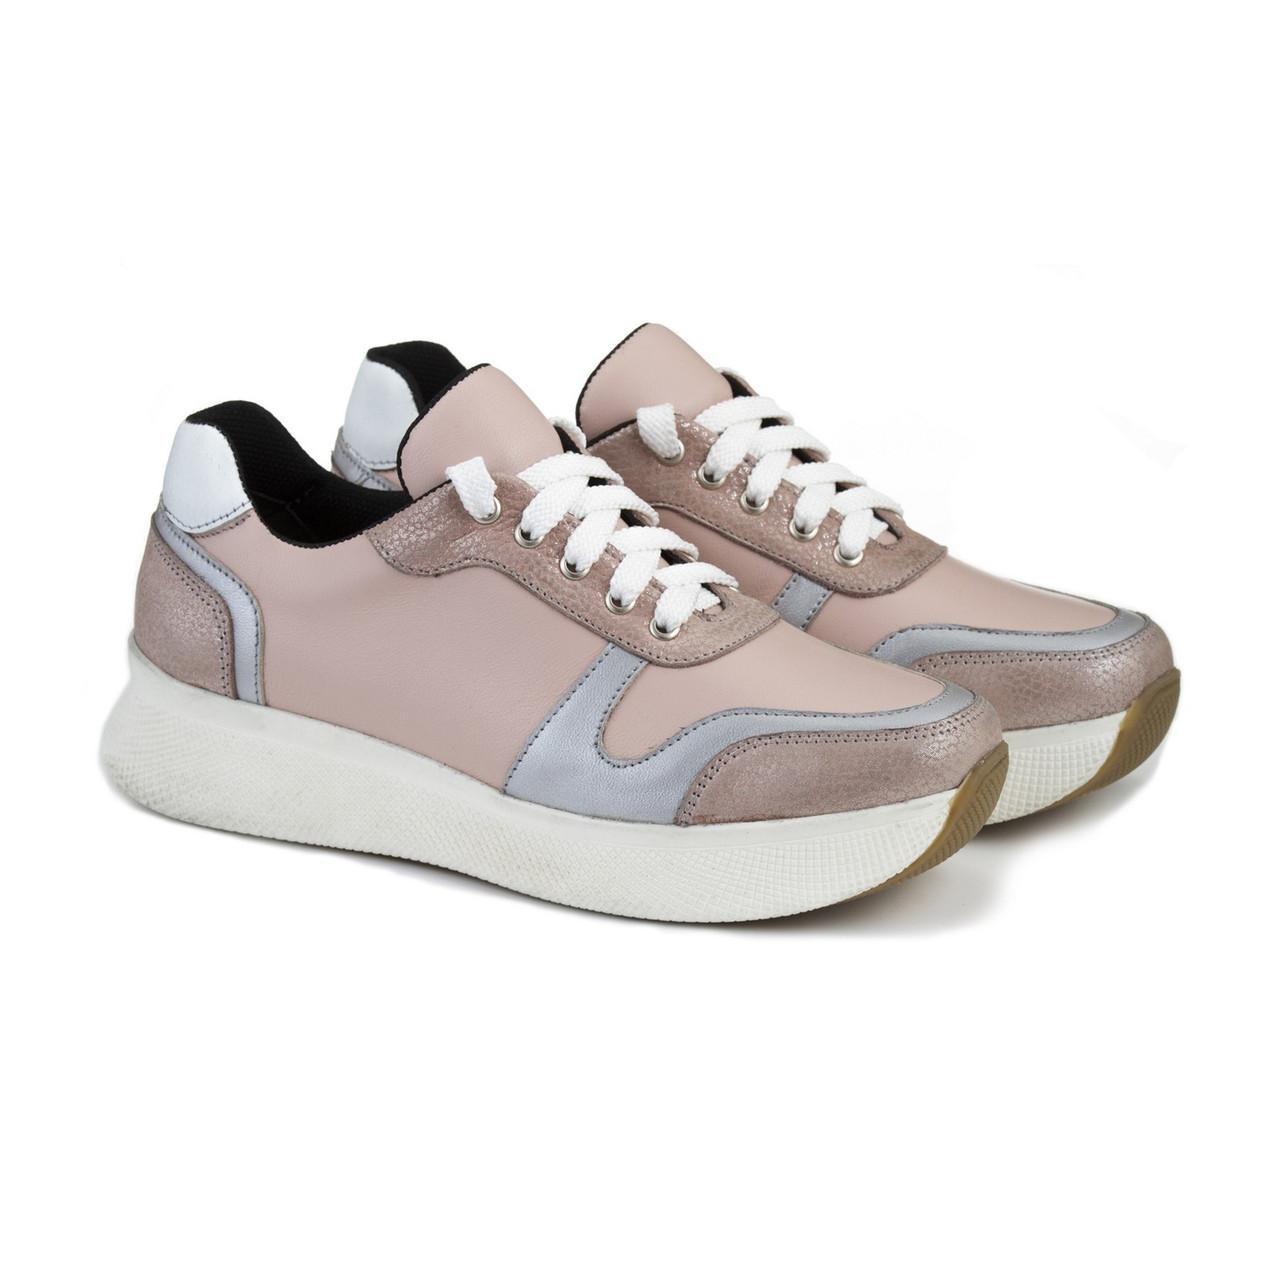 ce99b4a4d5a16 Пудровые качественные кроссовки на высокой подошве белого цвета ...